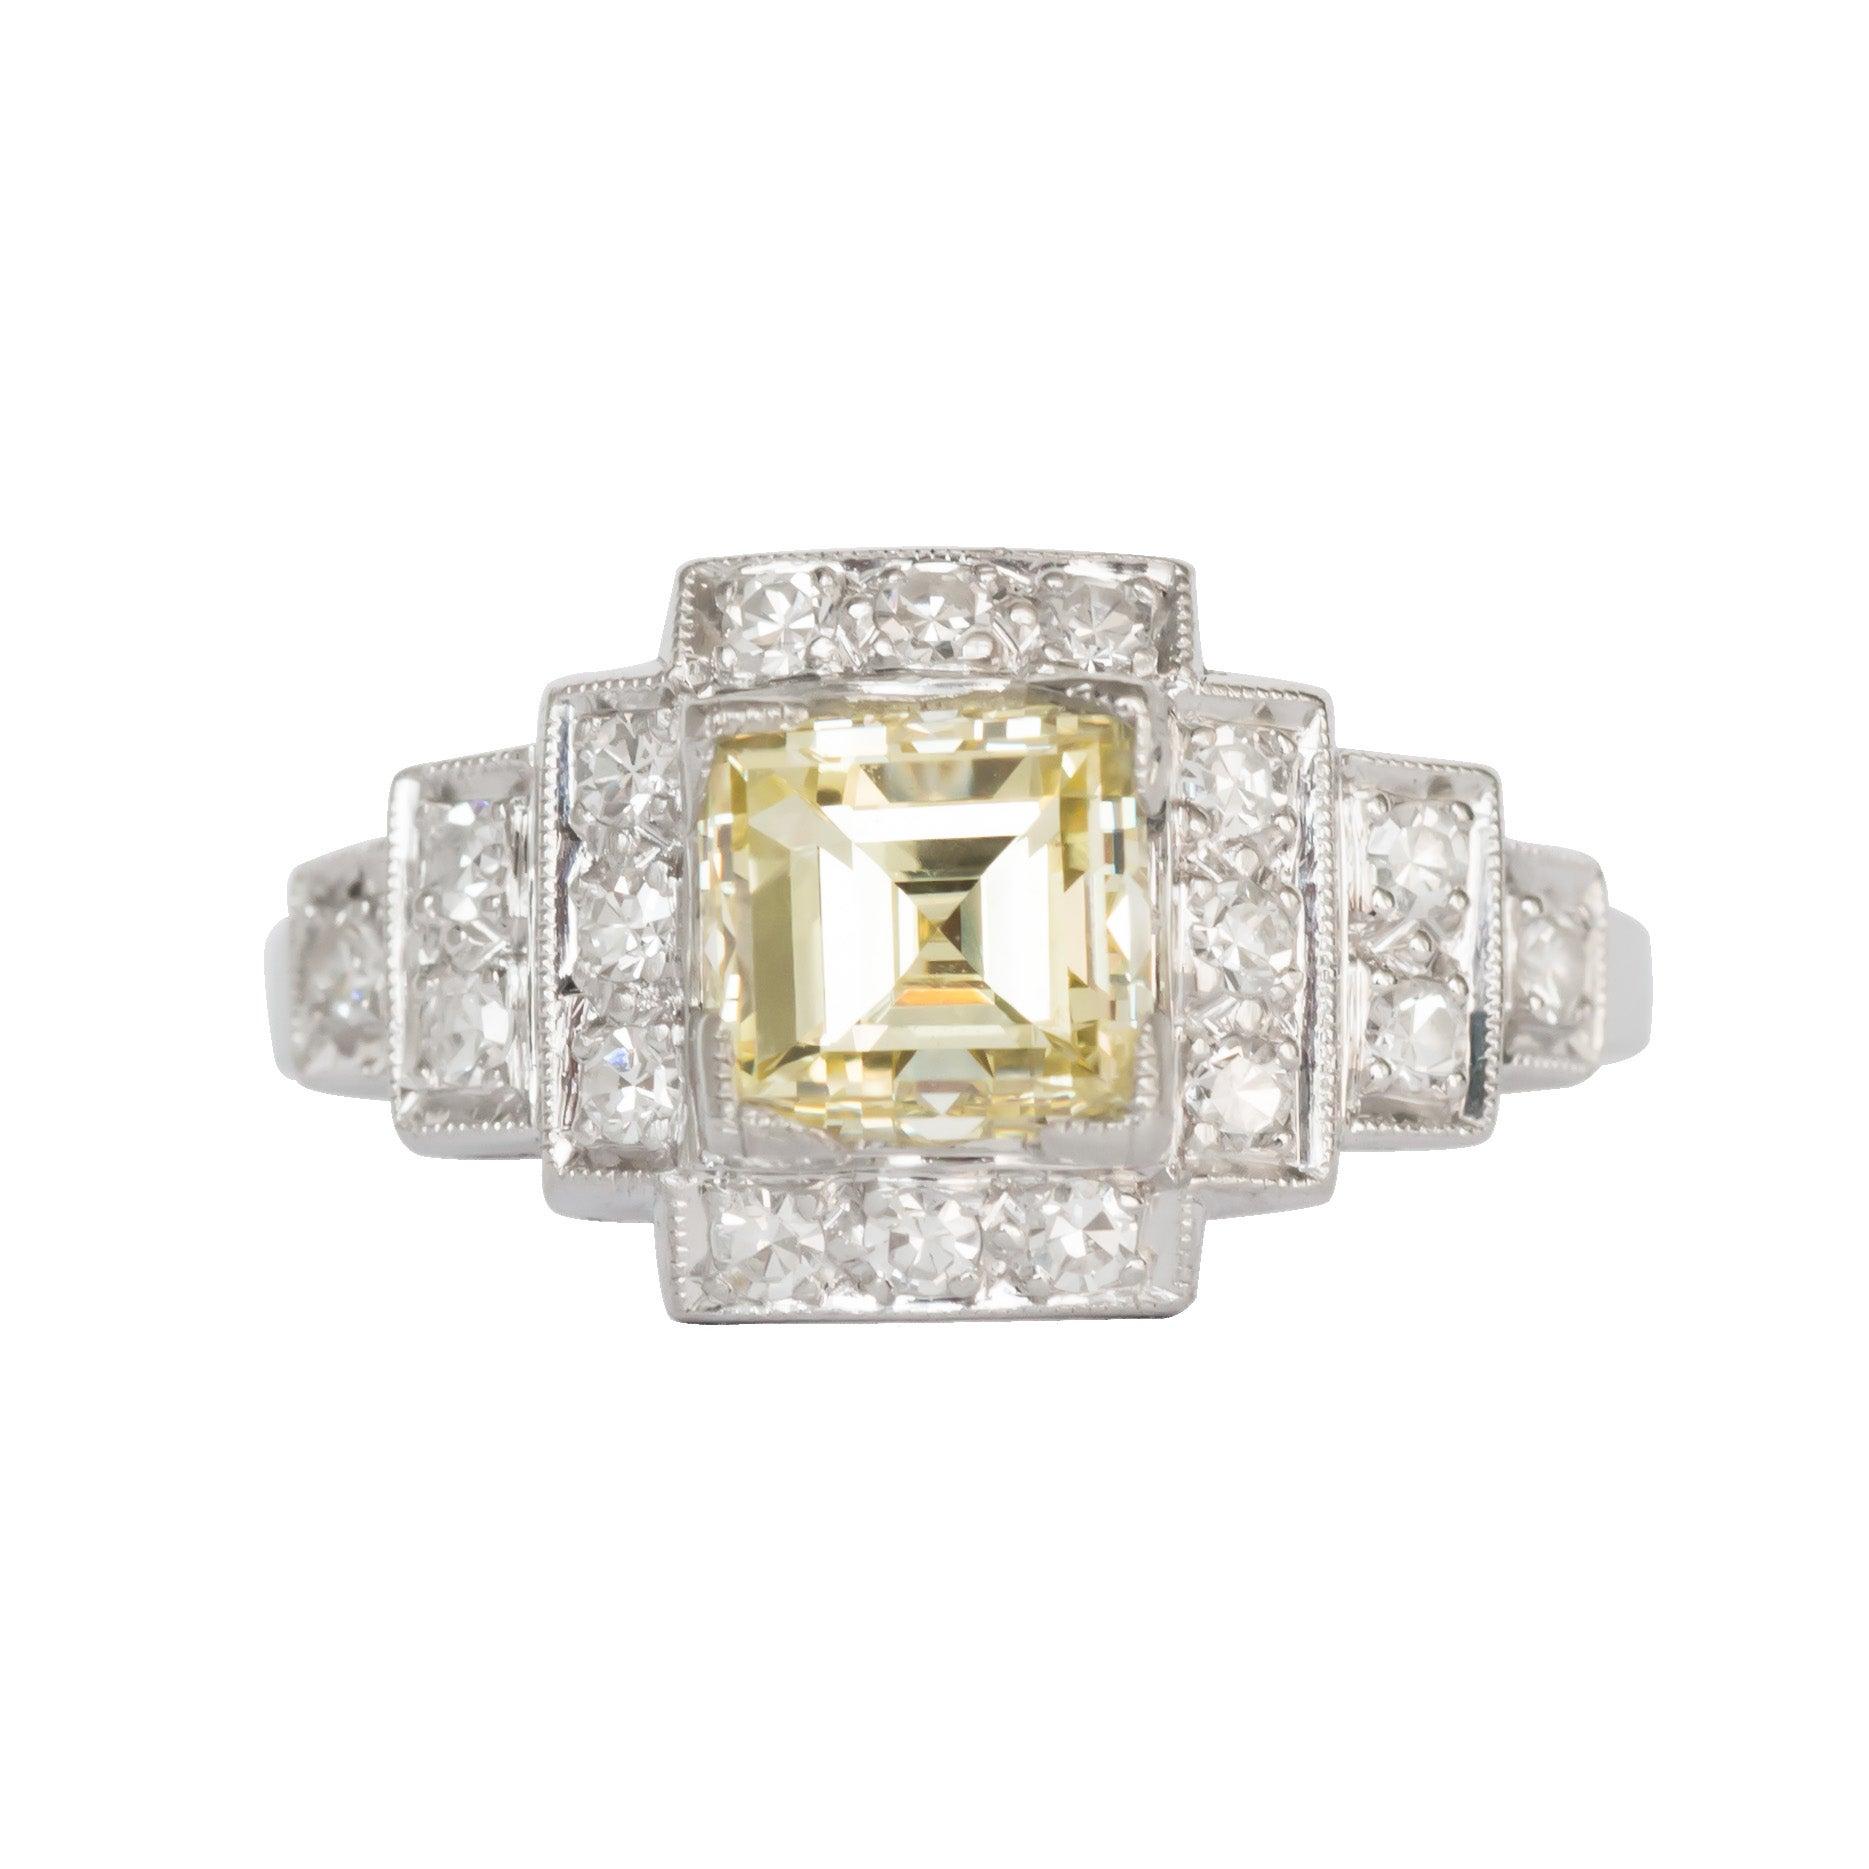 GIA Certified 1.09 Carat Diamond Engagement Ring